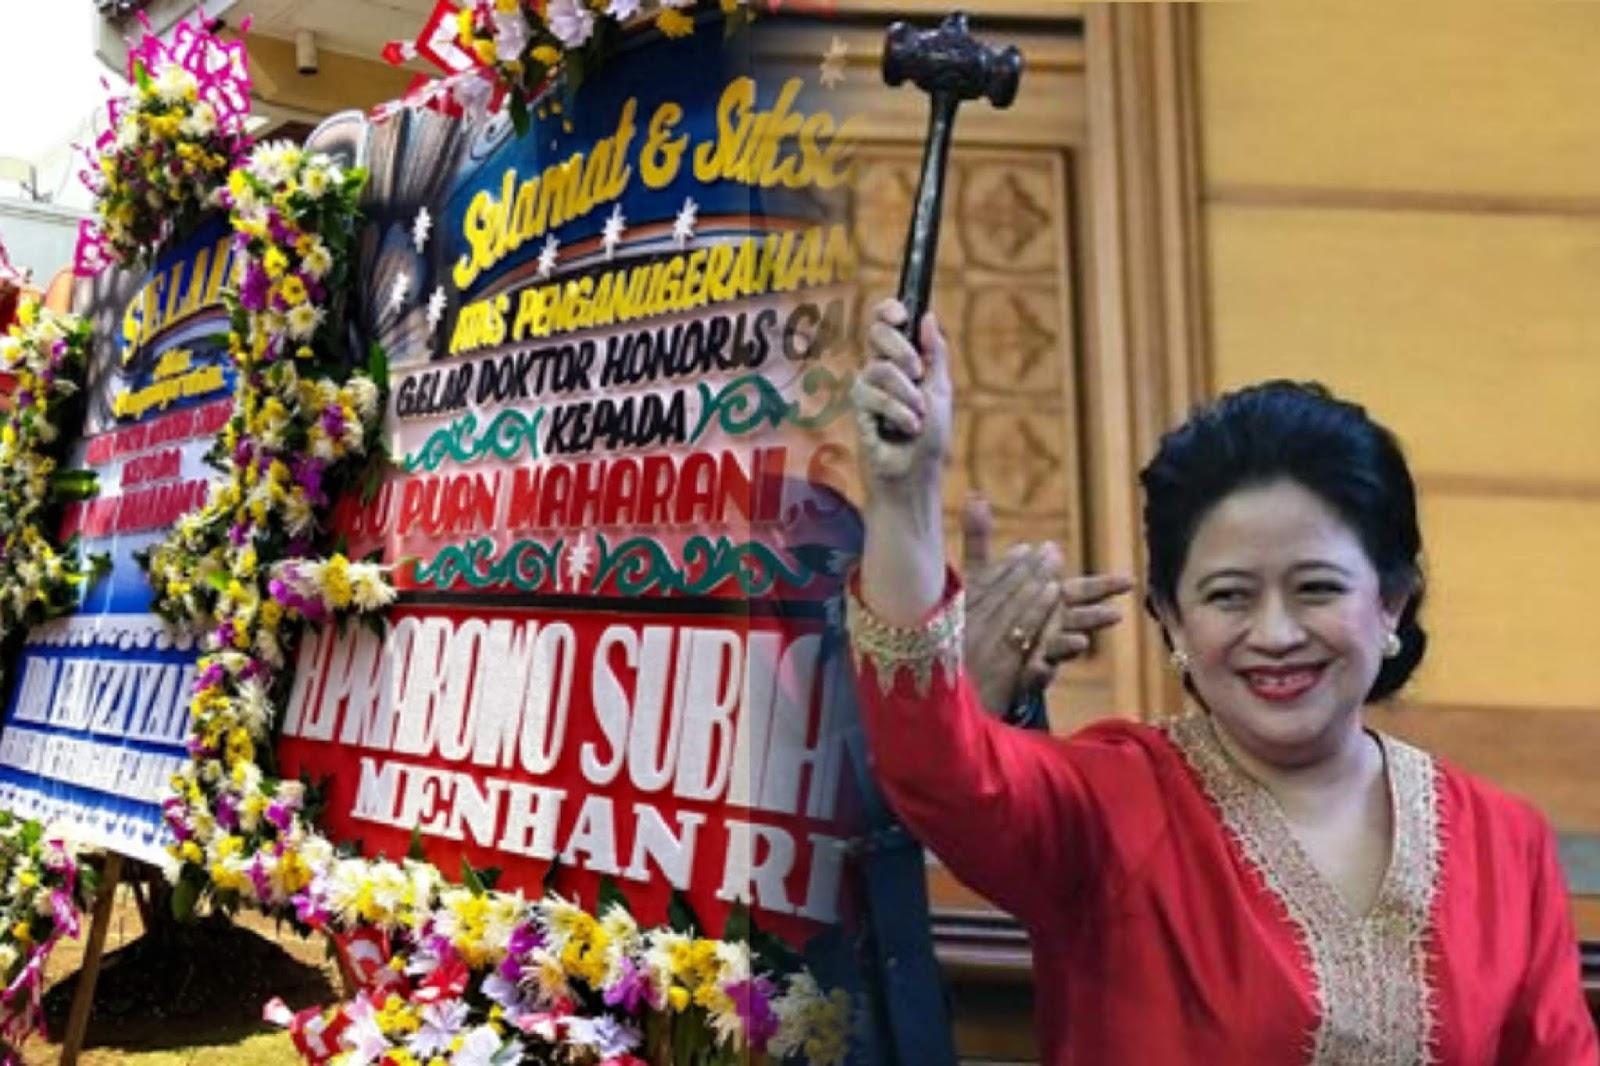 Puan akan Bergelar Doktor HC, Wapres dan Menhan Kirim Karangan Bunga